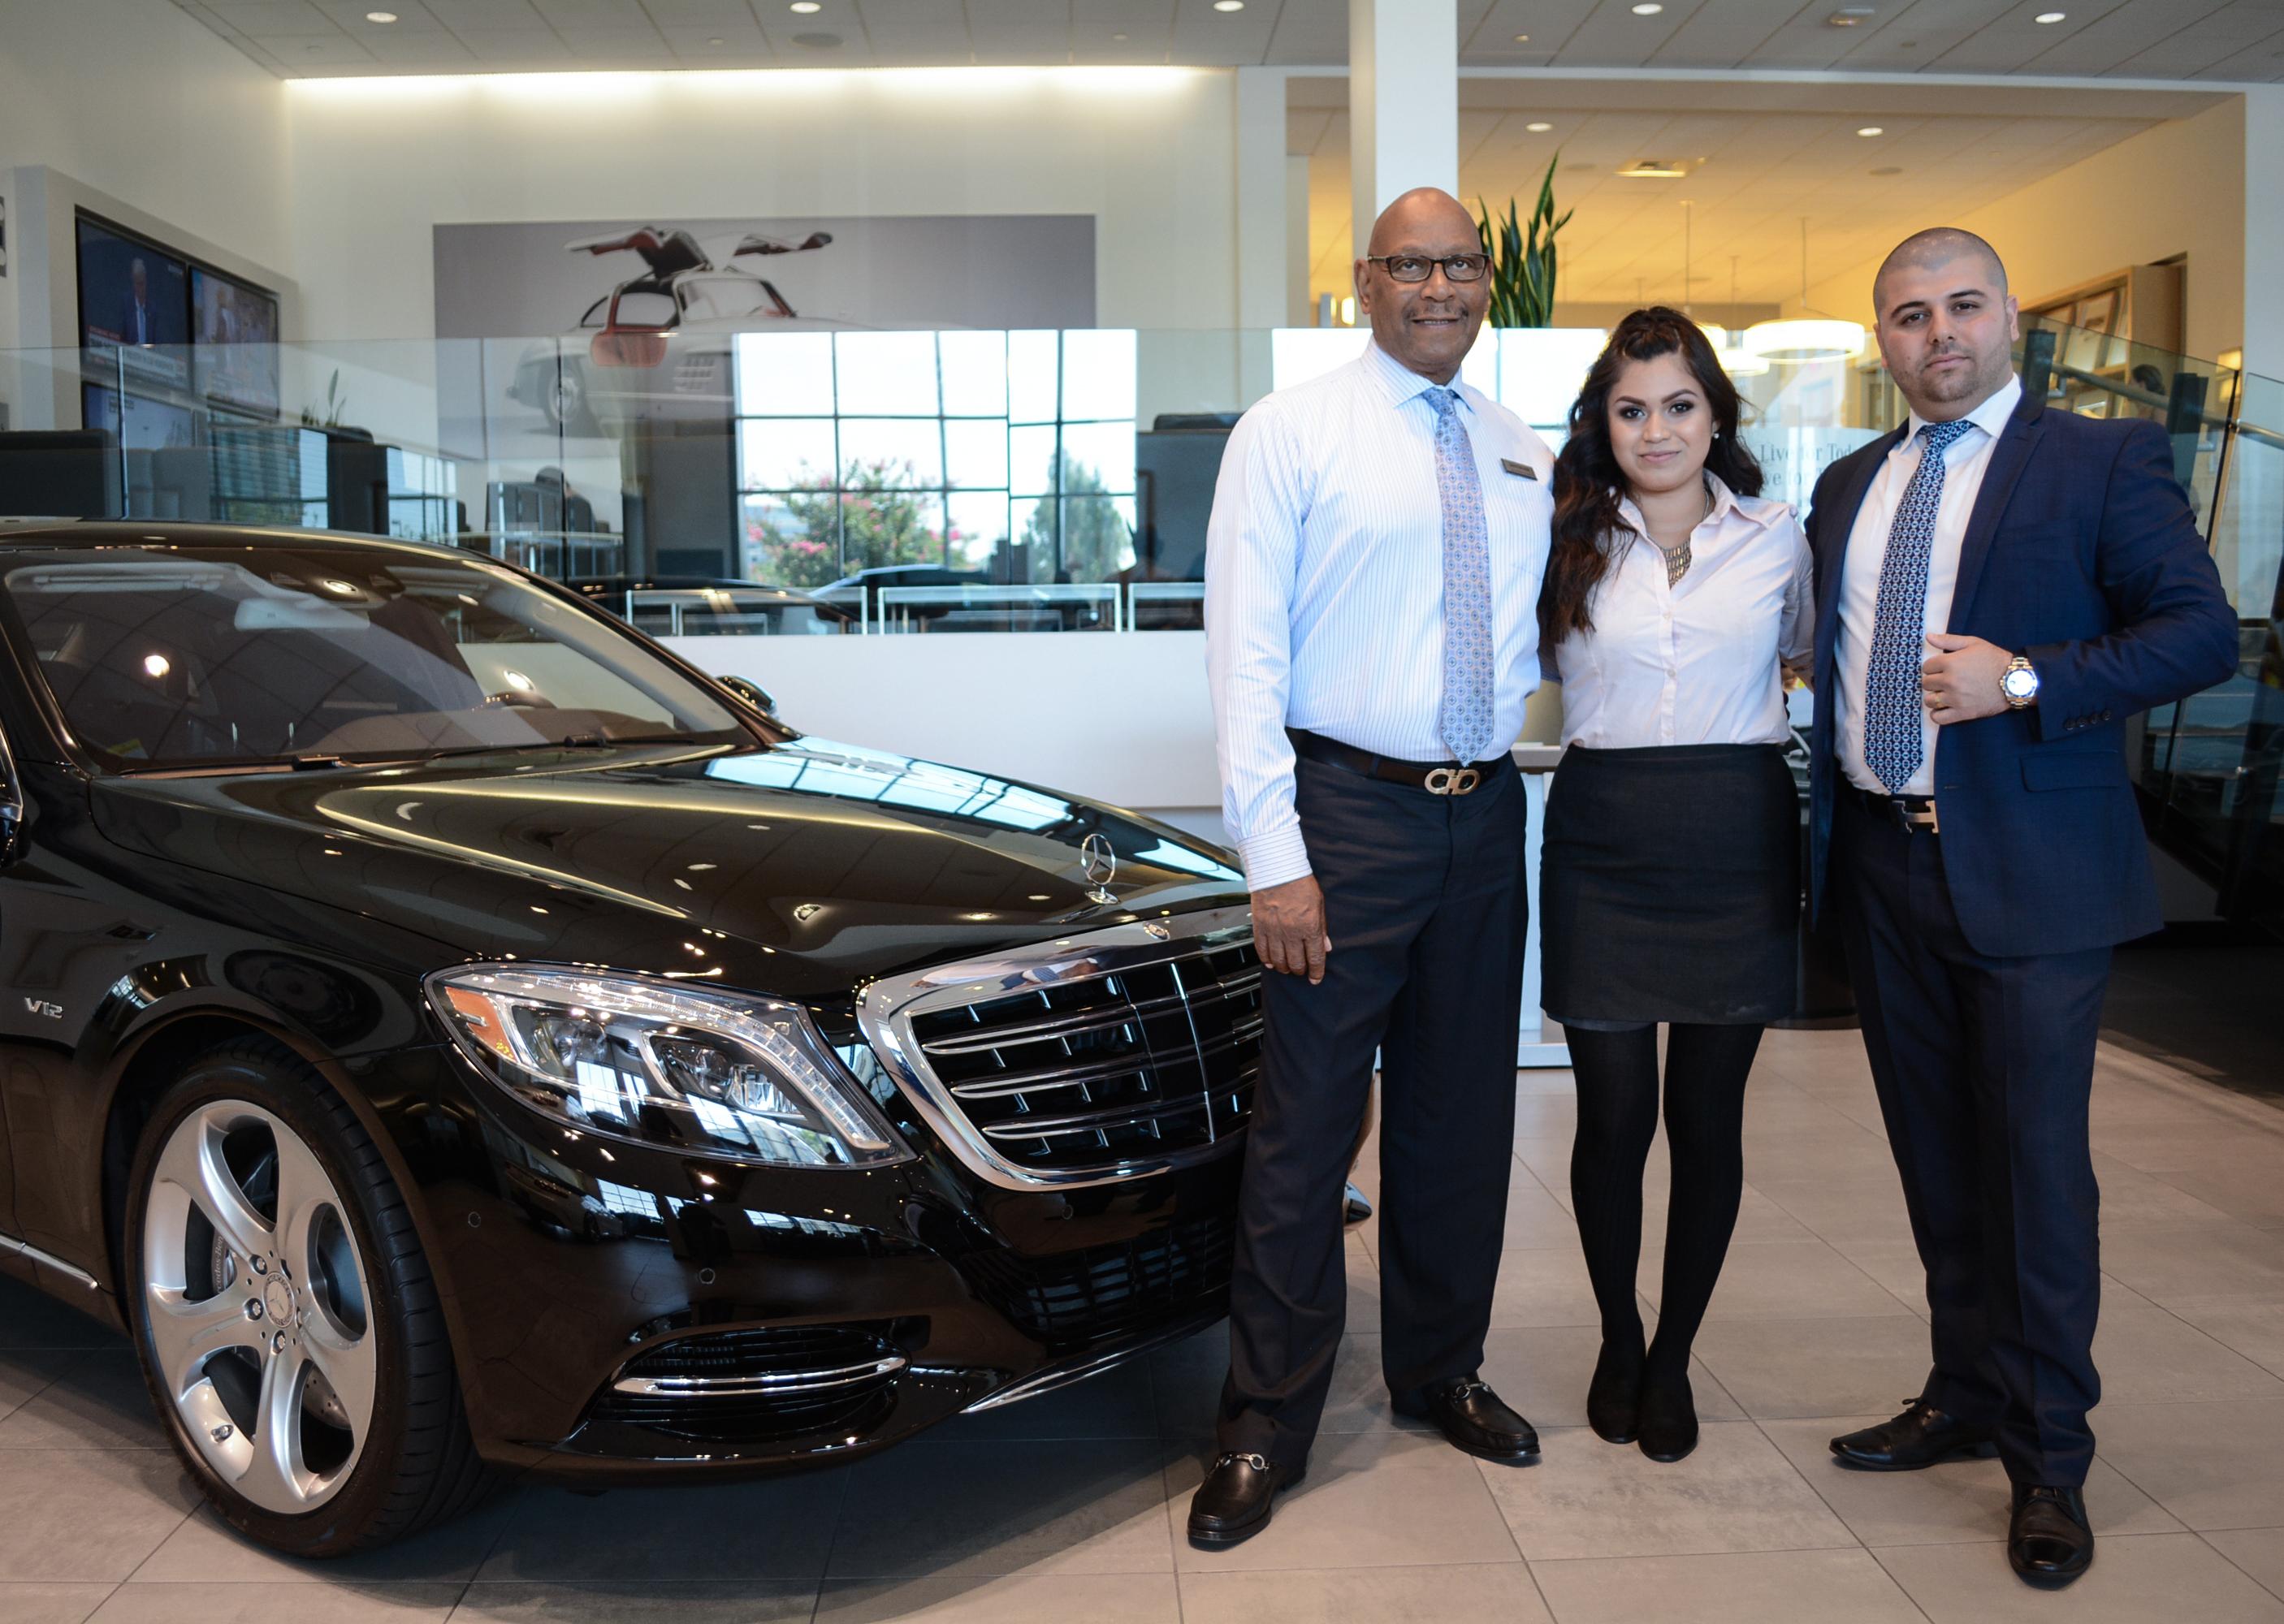 Employee anniversaries mercedes benz of ontario for Mercedes benz employee